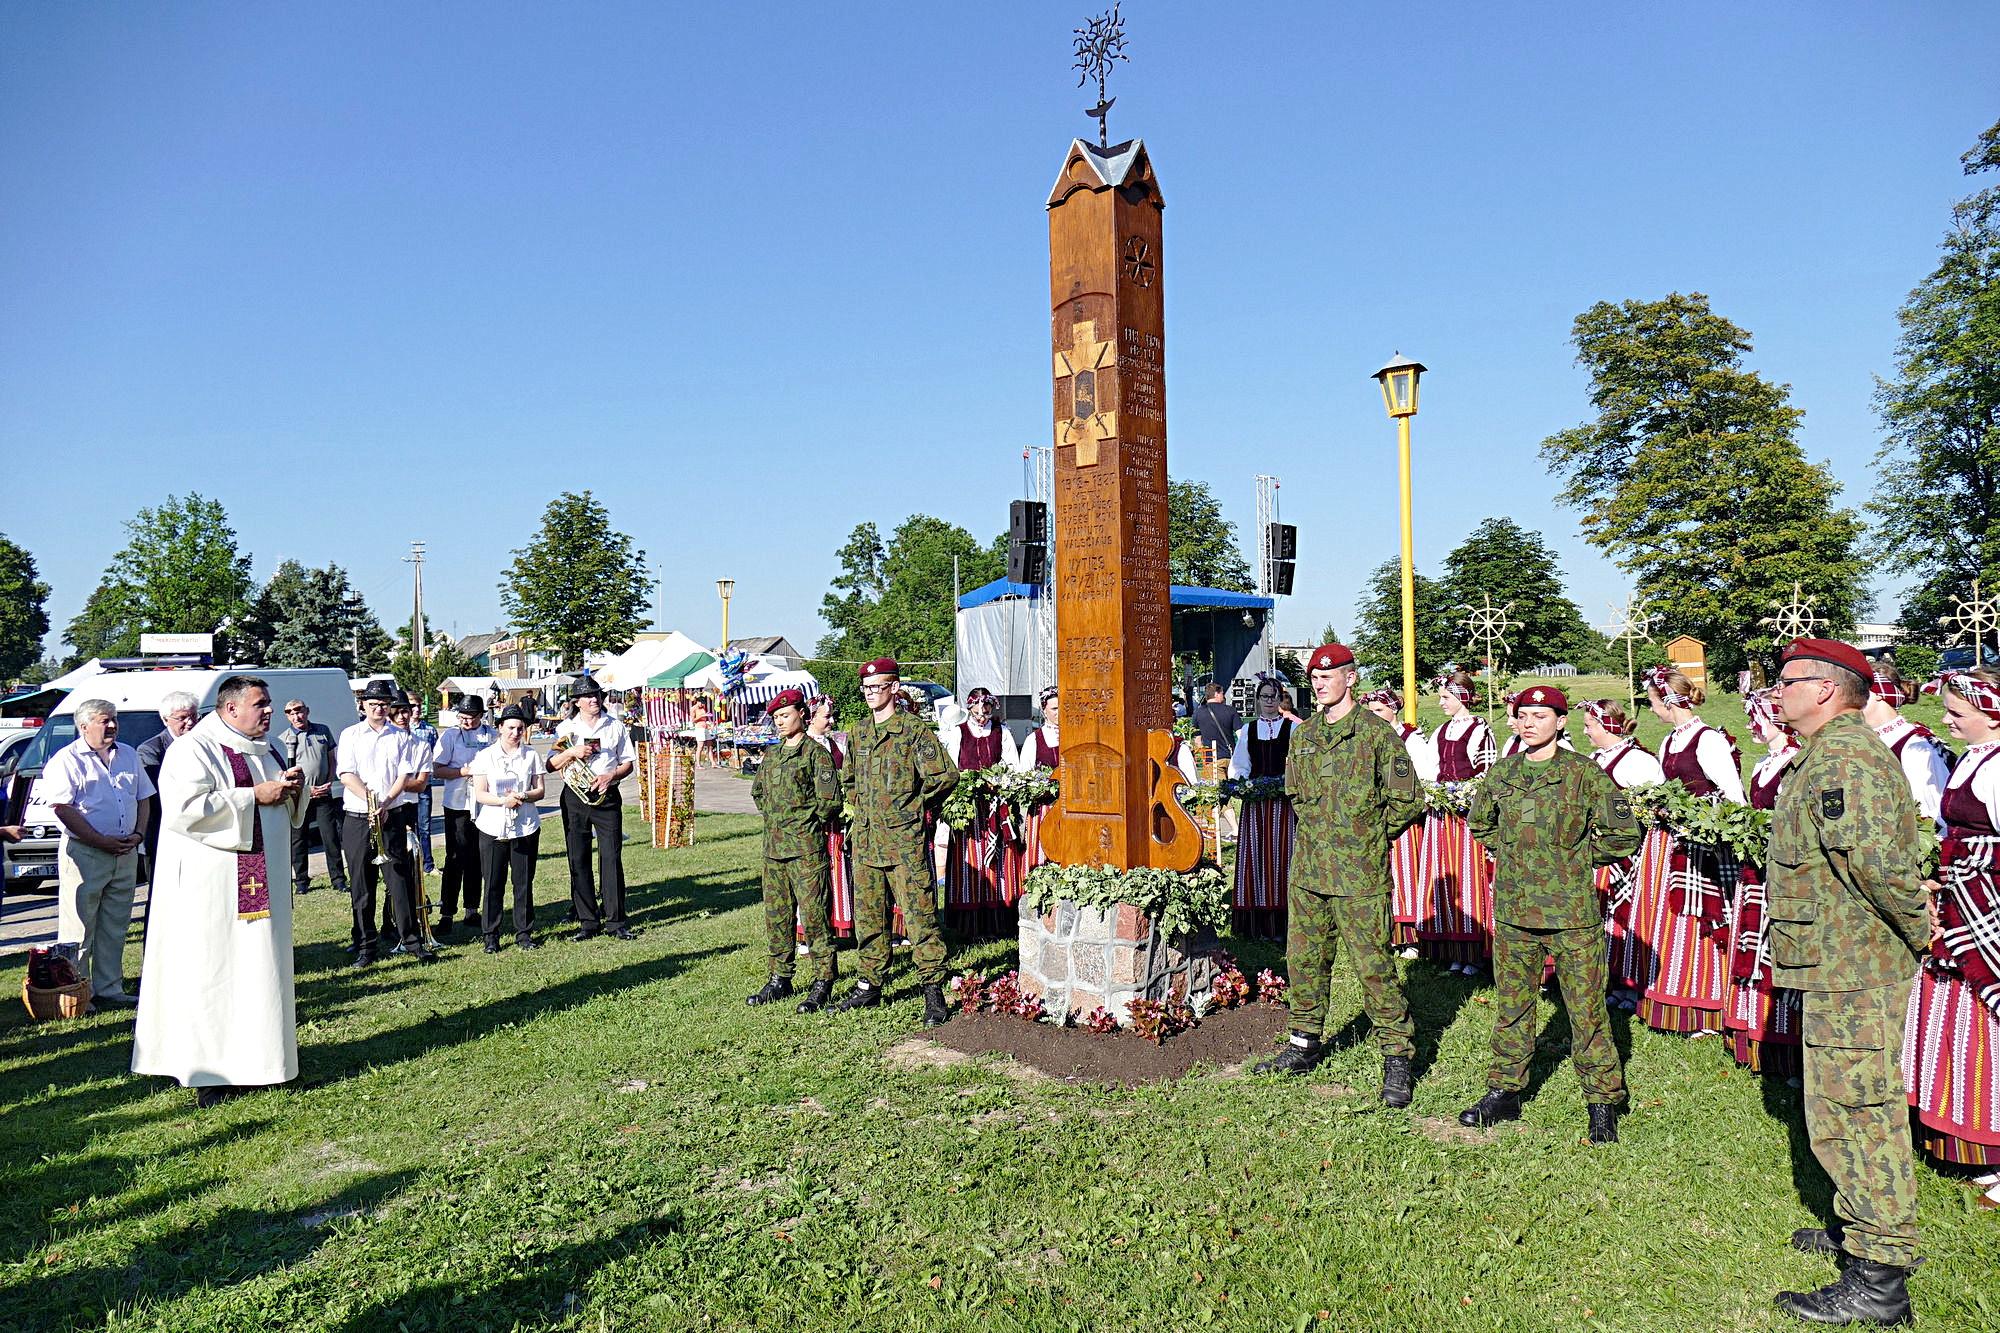 Minint artėjantį Lietuvos Nepriklausomybės šimtmetį, atidengtas paminklas Vainuto valsčiaus 1919-1920 metų Nepriklausomybės kovų savanoriams atminti. Jį pašventino Vainuto klebonas Dainoras Židackas.